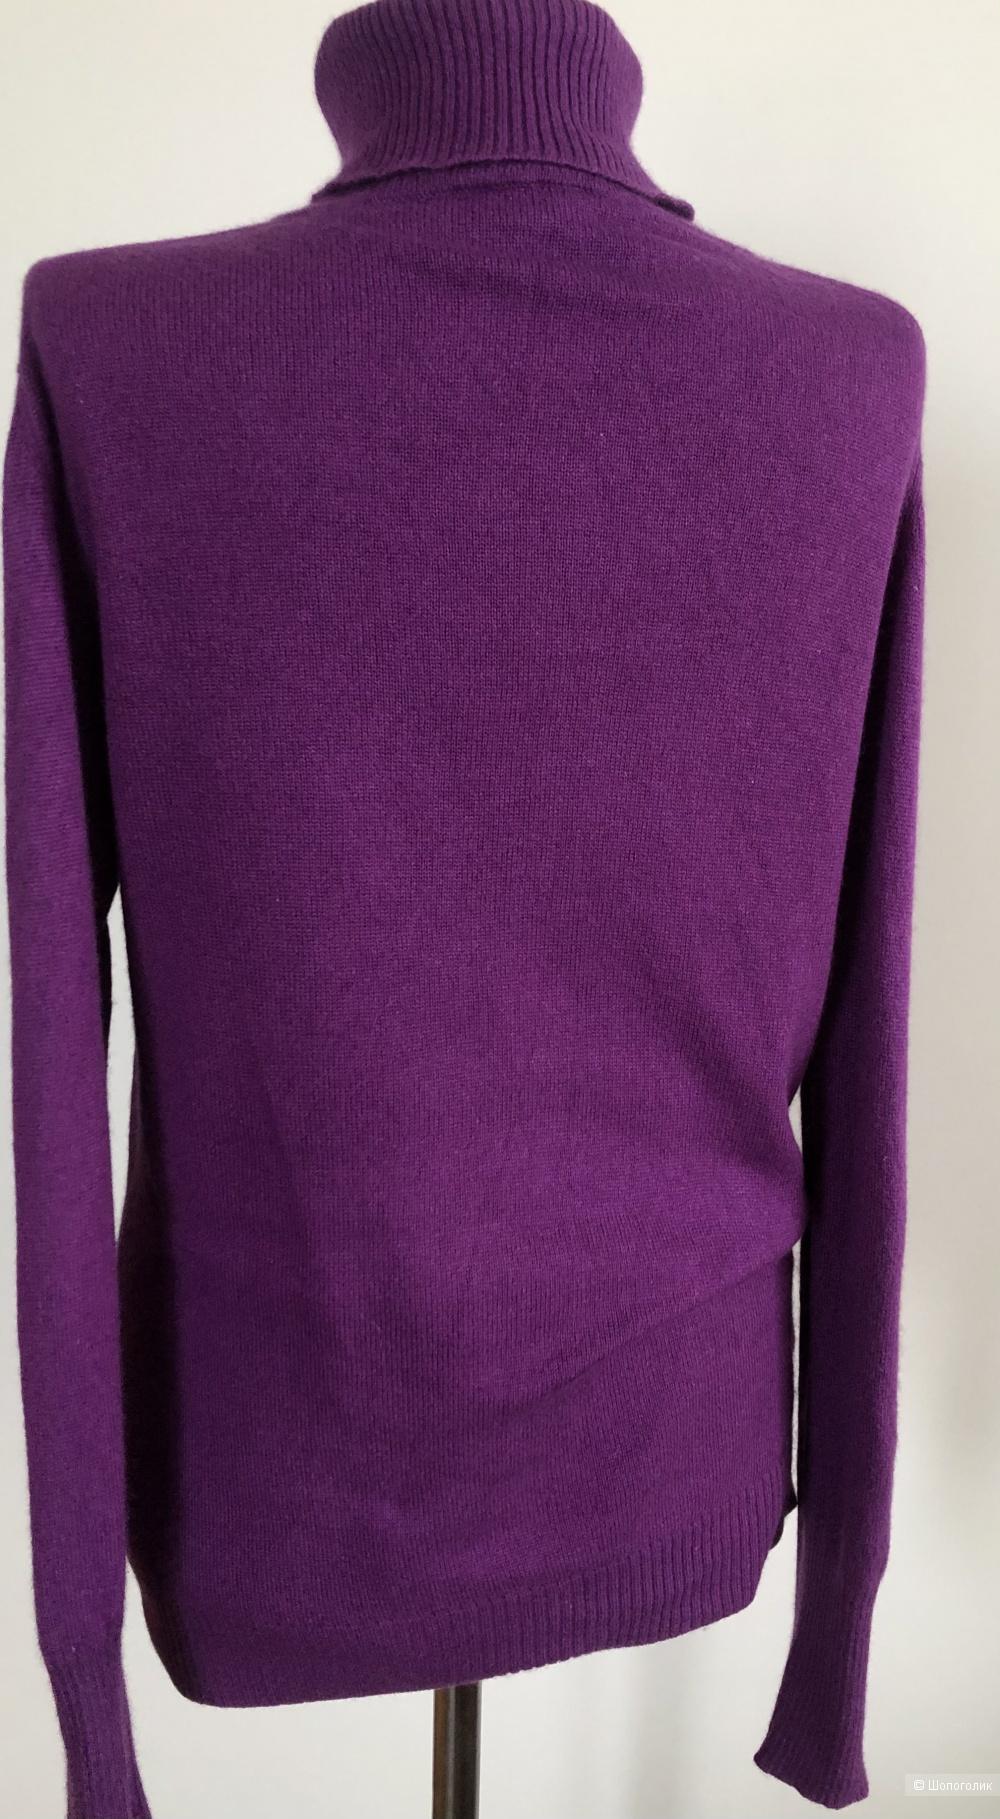 Кашемировый свитер Аdagio размер производителя 42 ( на 48 российский)